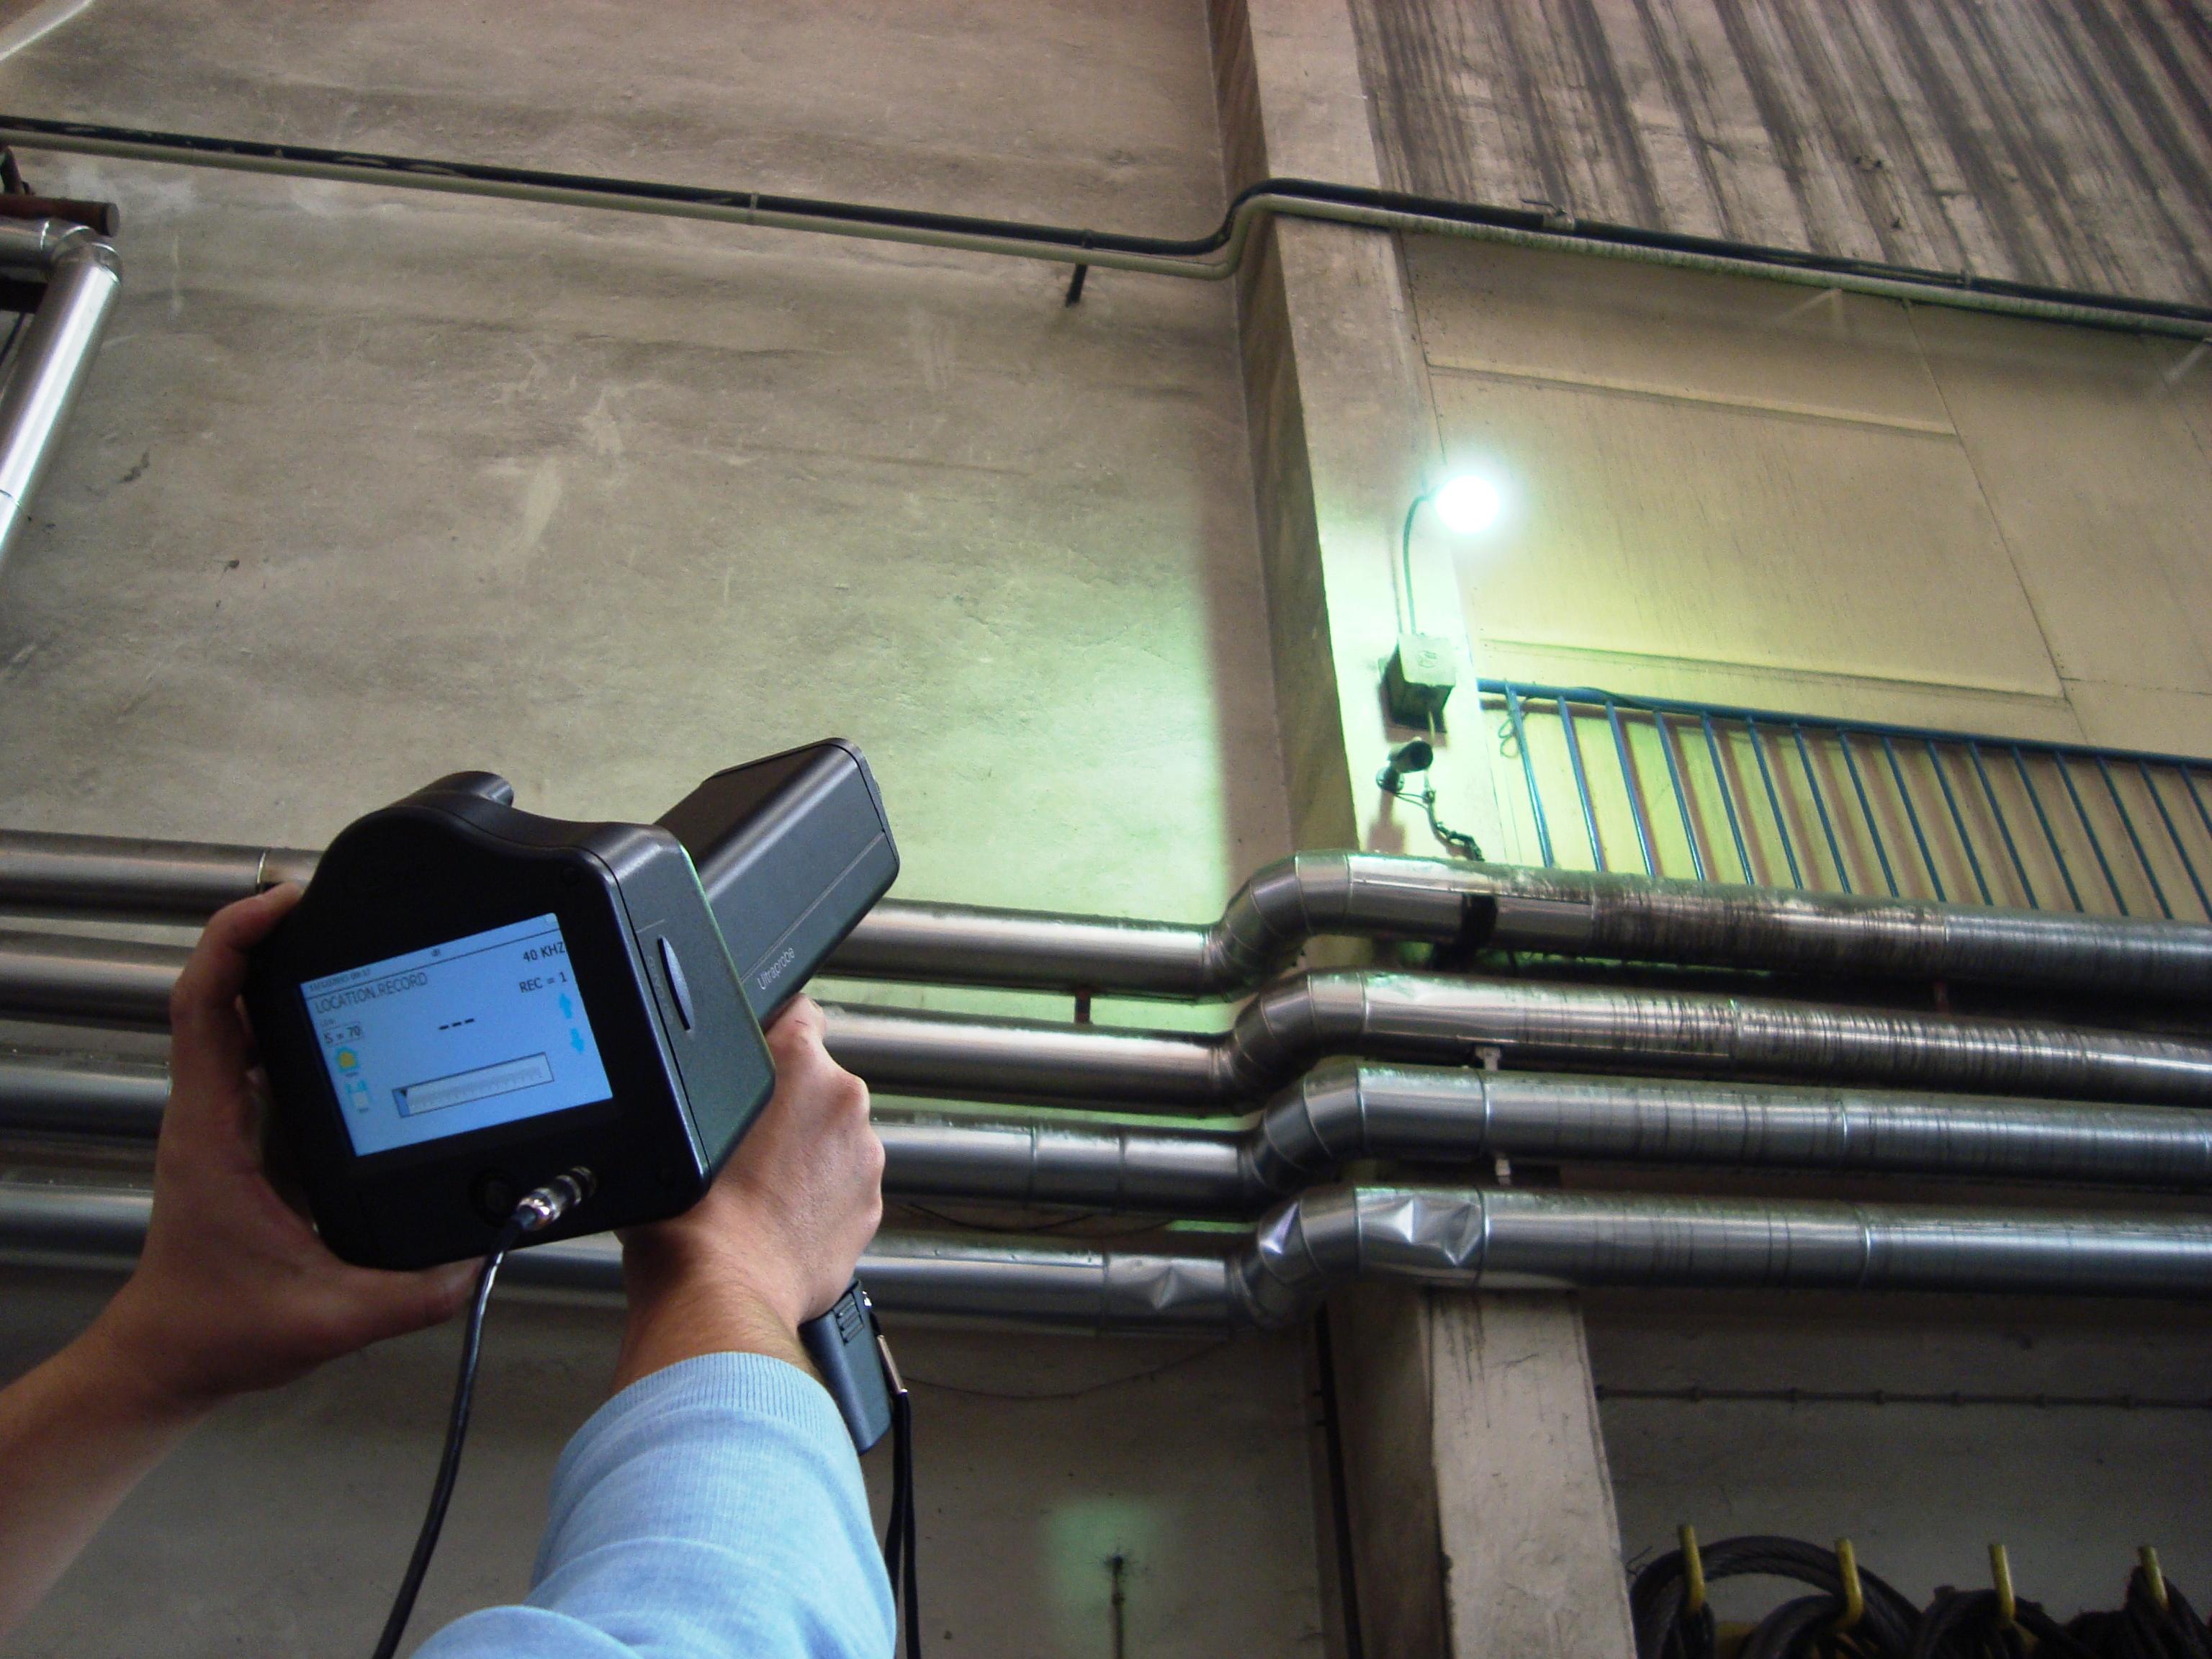 ispitivanje instalacije komprimiranog zraka